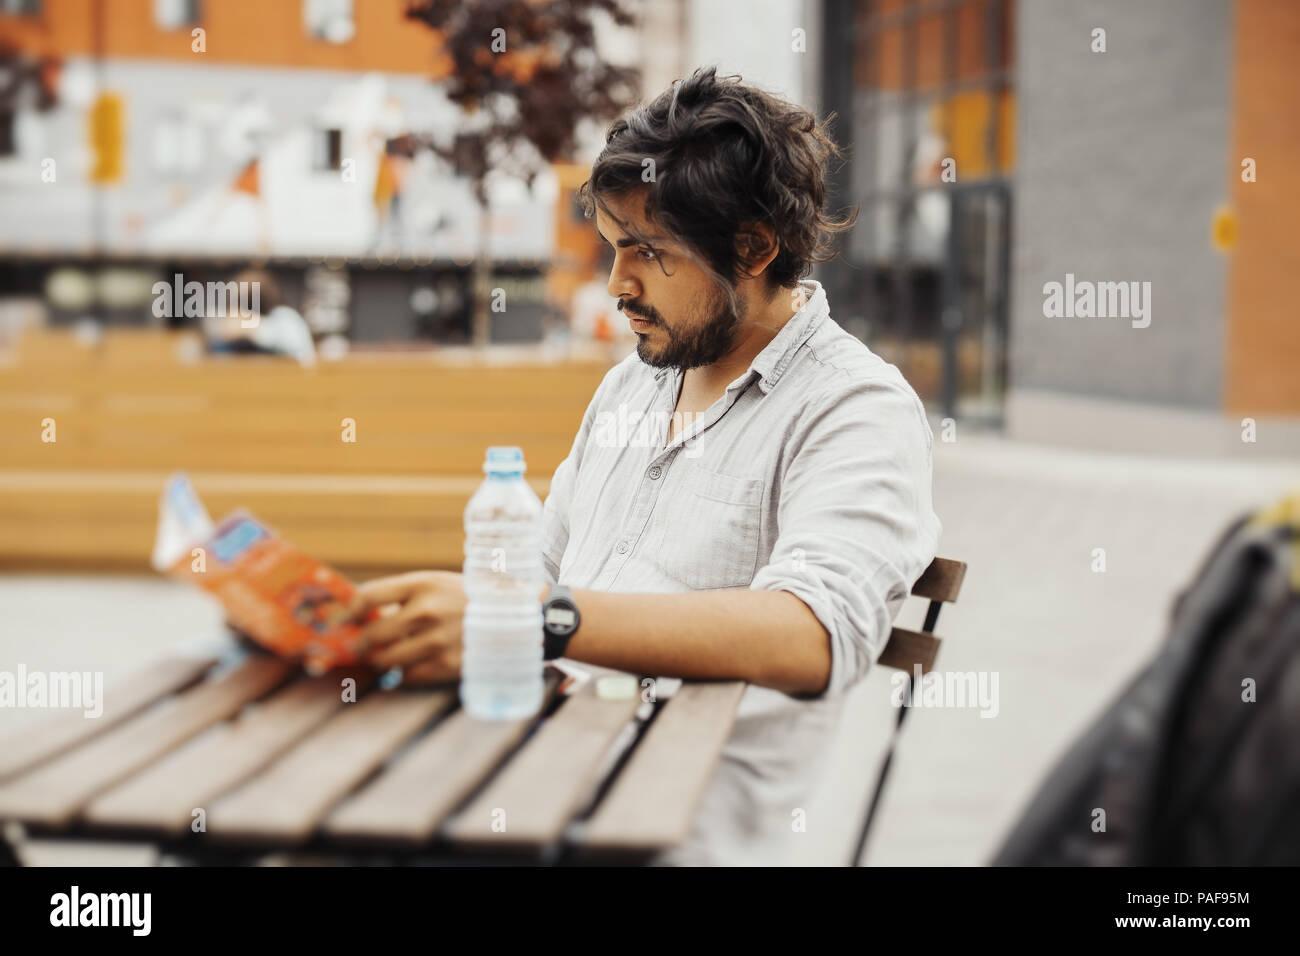 Attraente pensieroso uomo seduto al street cafe e guardando la mappa. Vista laterale Immagini Stock